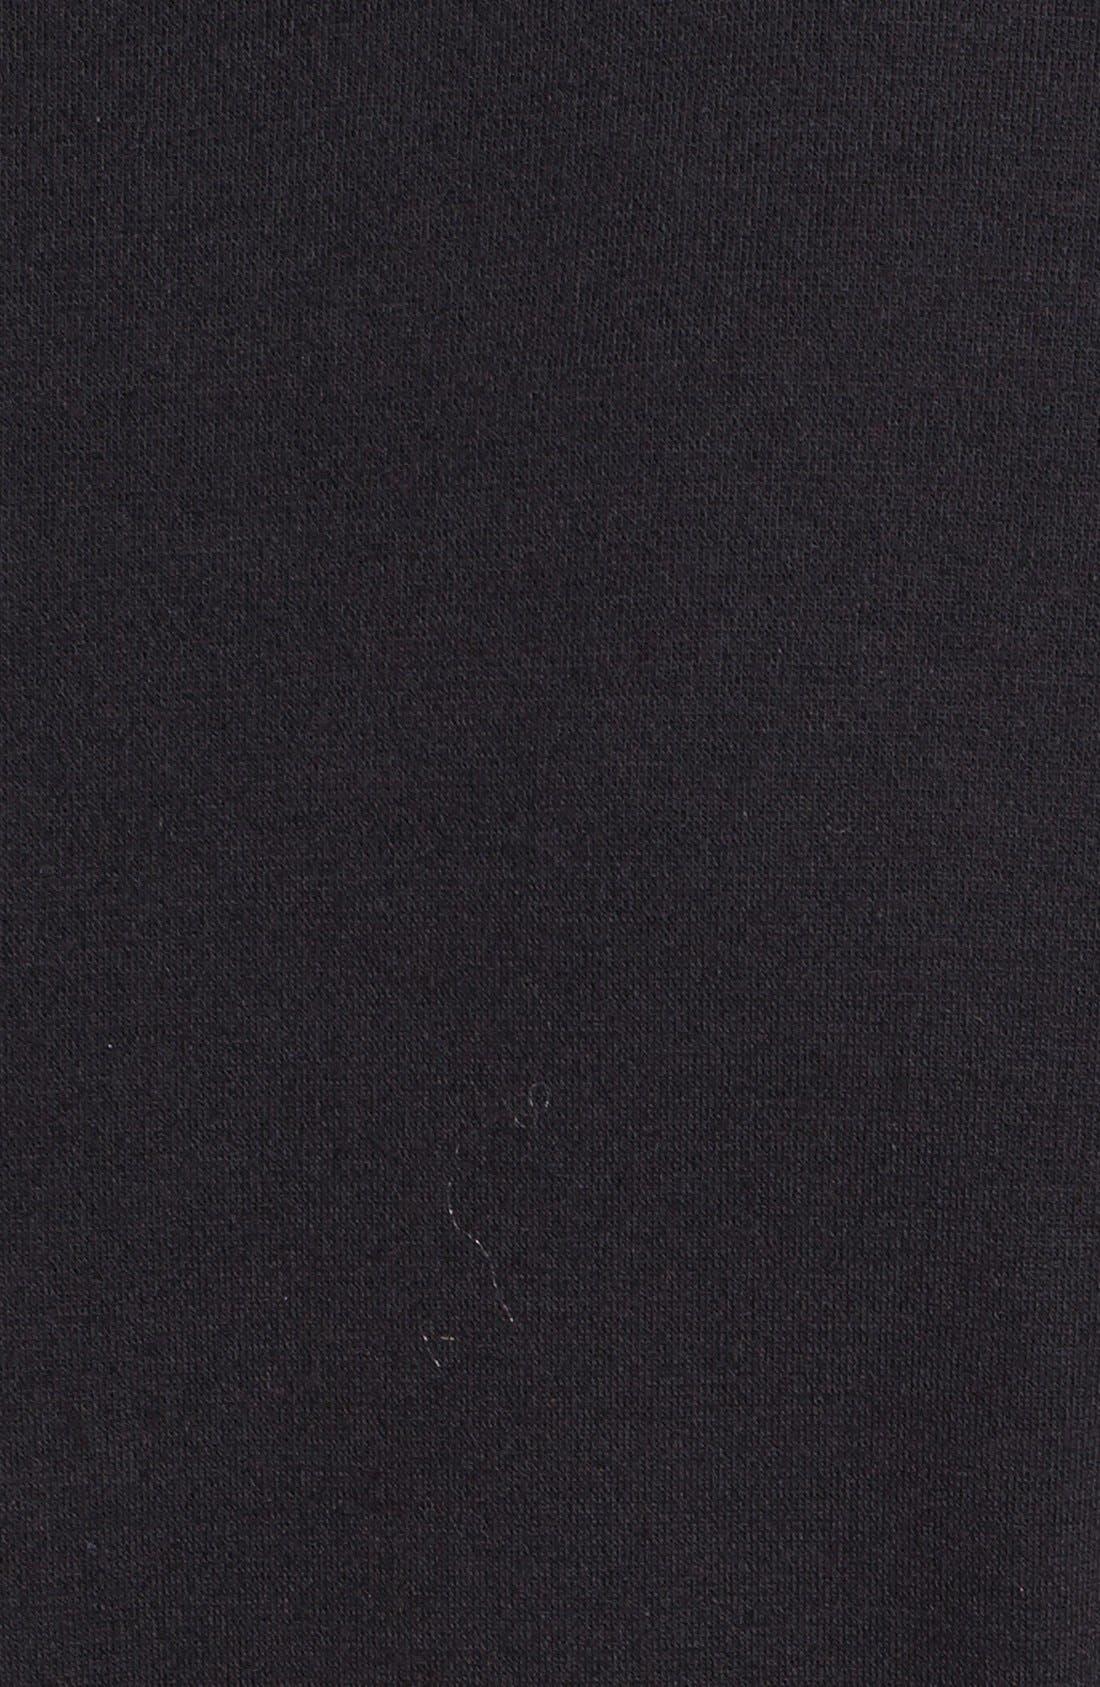 Alternate Image 4  - Ellen Tracy Embellished Ponte Knit Shift Dress